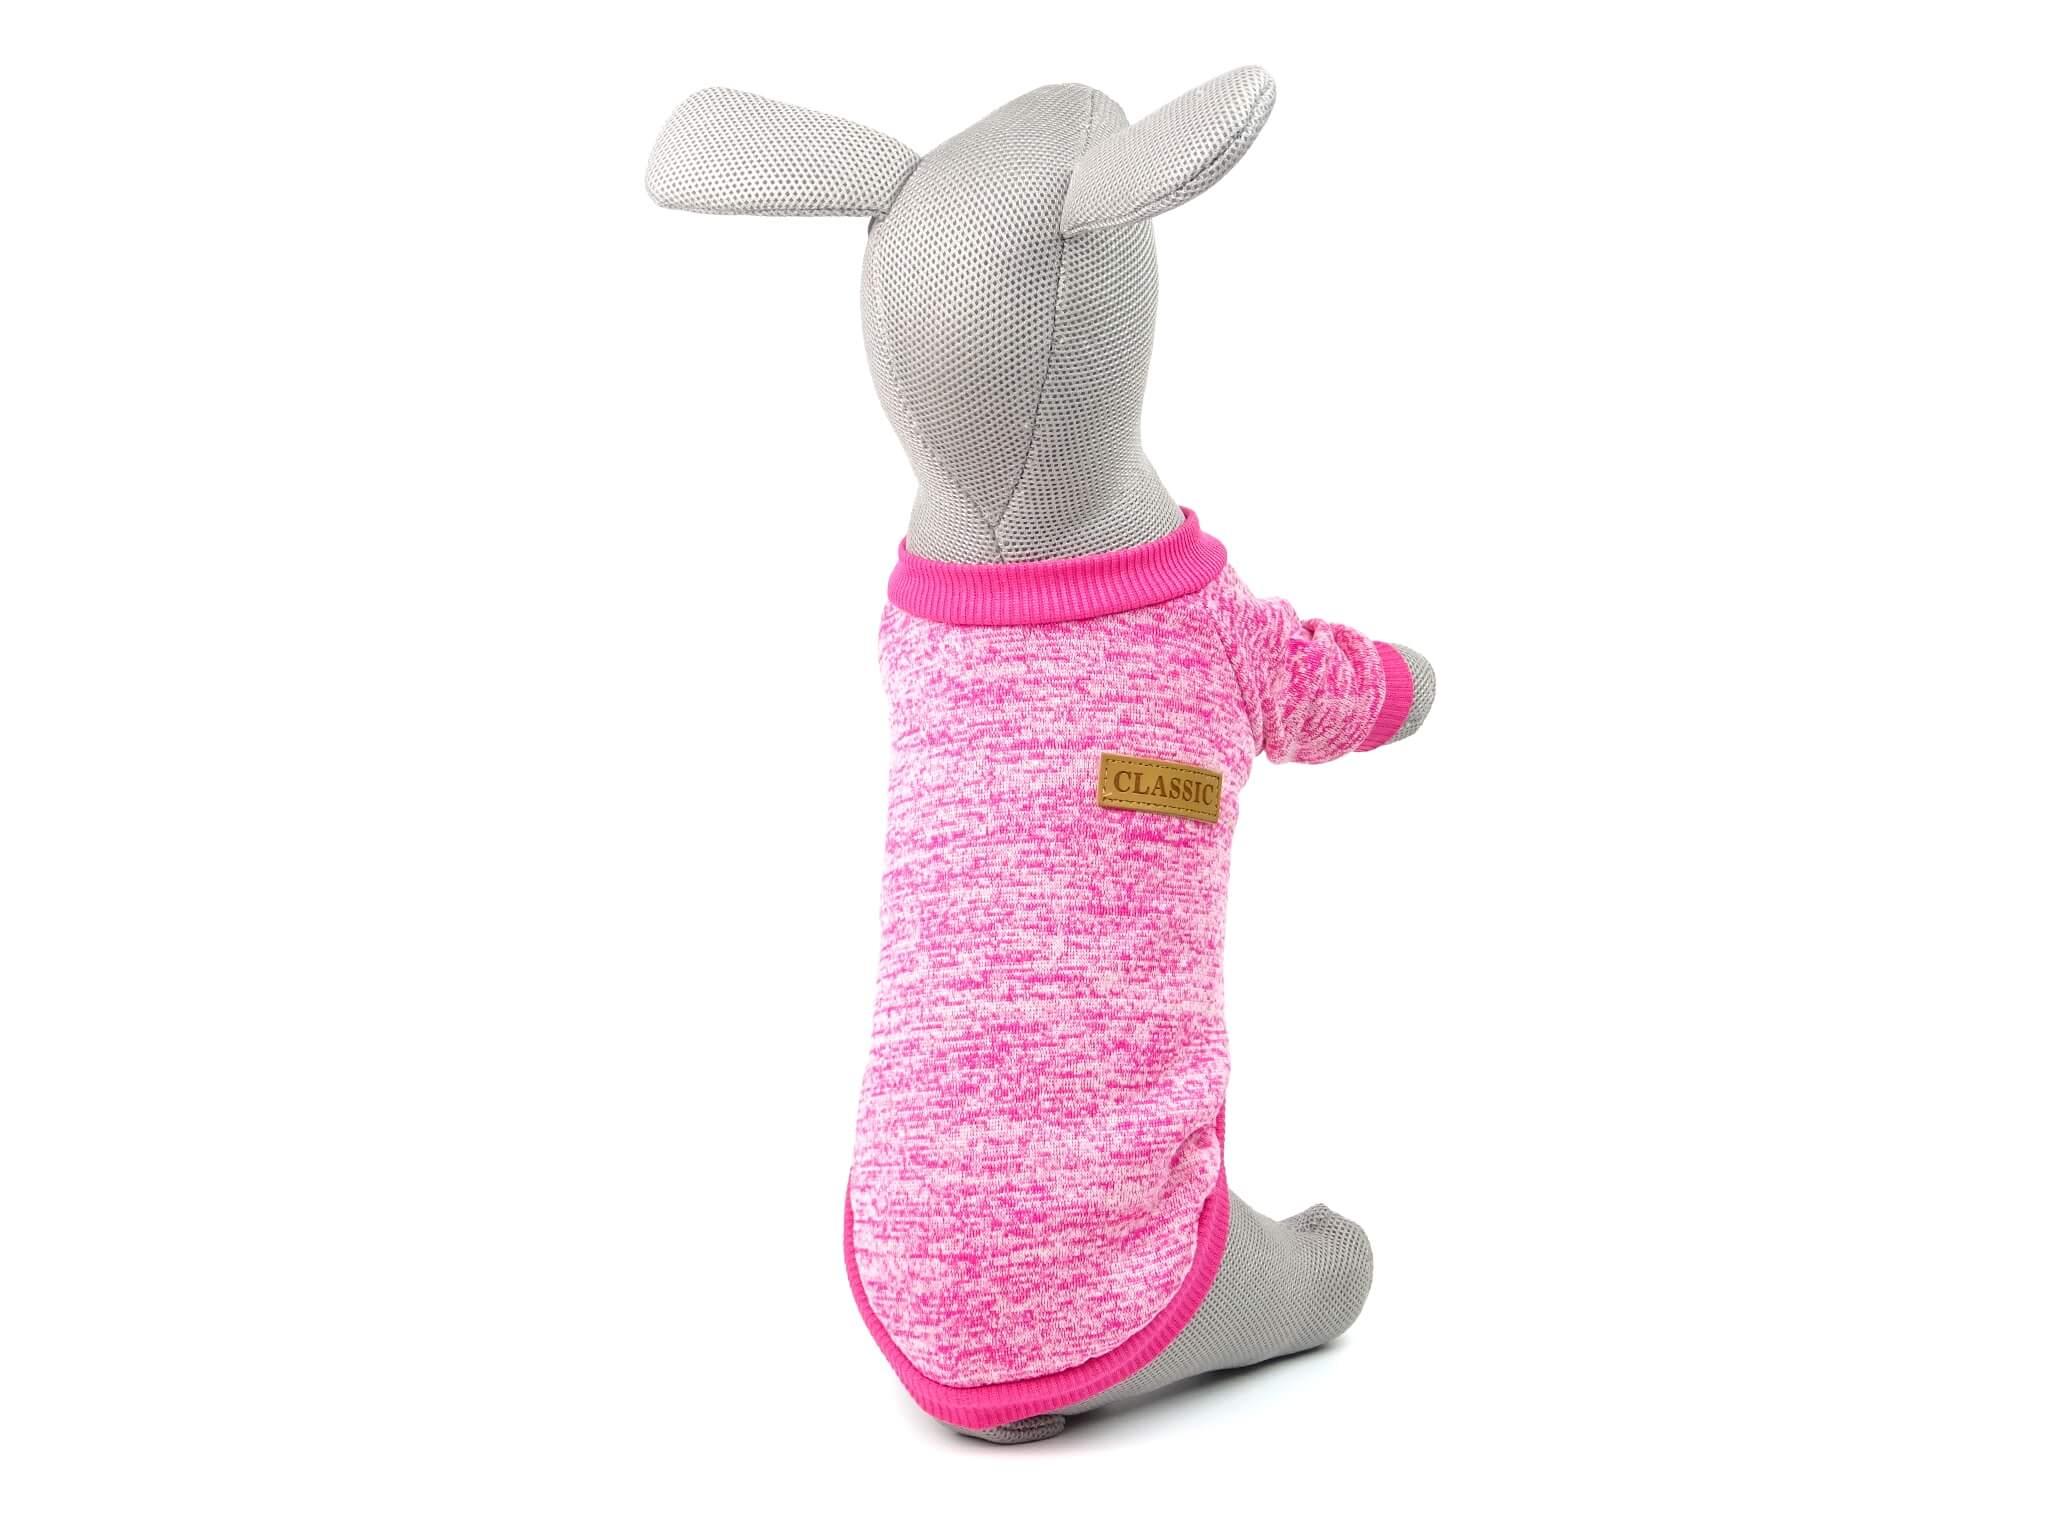 Vsepropejska Classic mikina pro psa Barva: Tmavě růžová, Délka zad psa: 25 cm, Obvod hrudníku: 28 - 34 cm